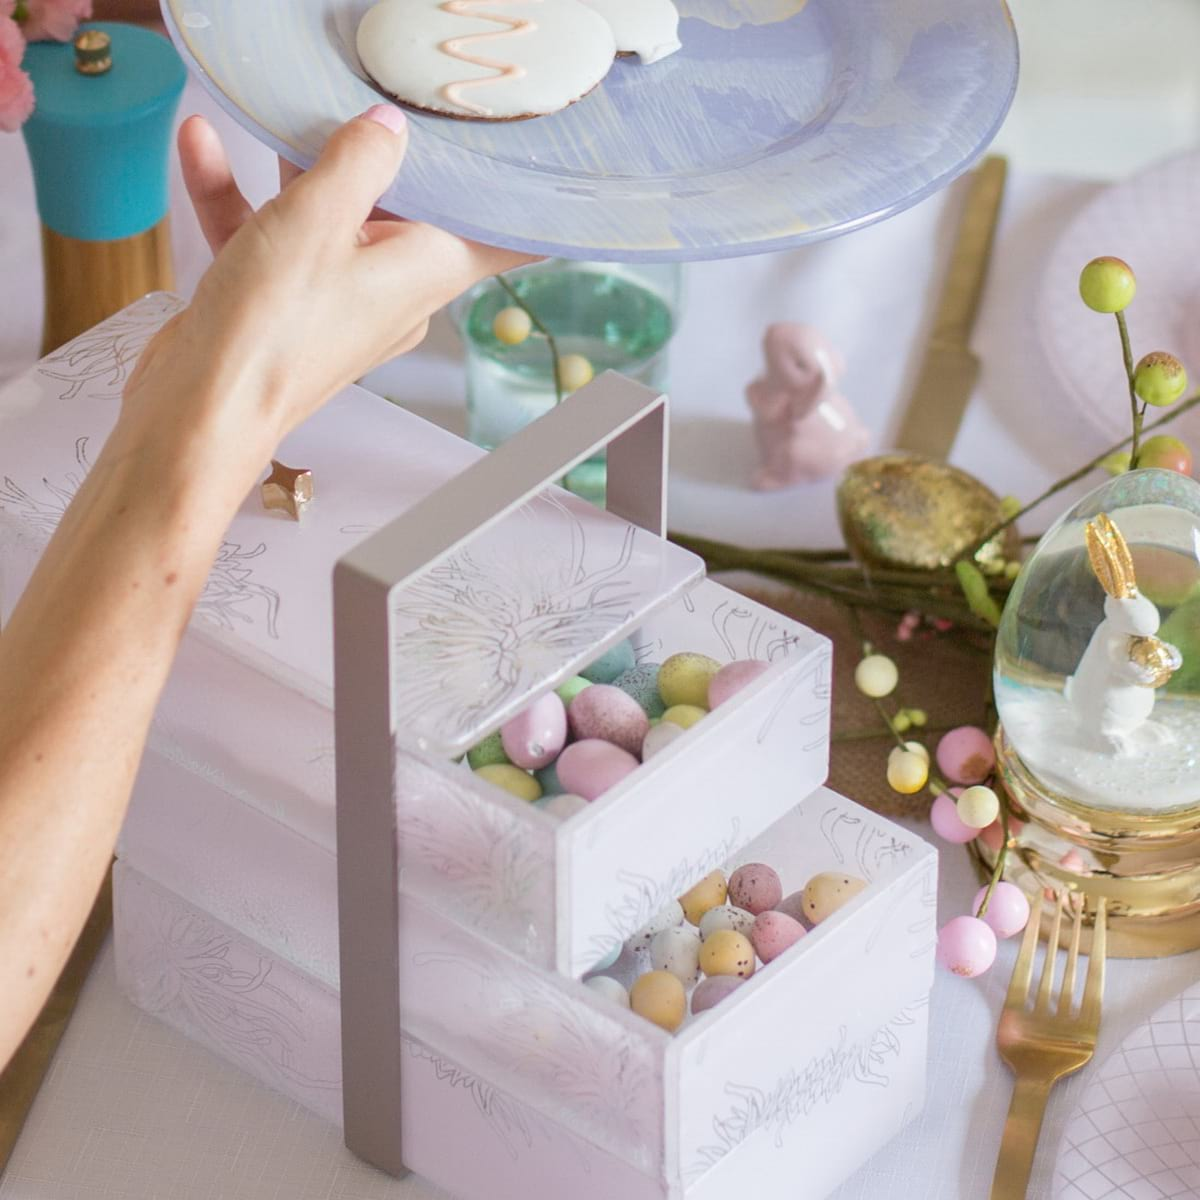 sostra-violet-plates-Easter19-Easter-30-sp2.jpg